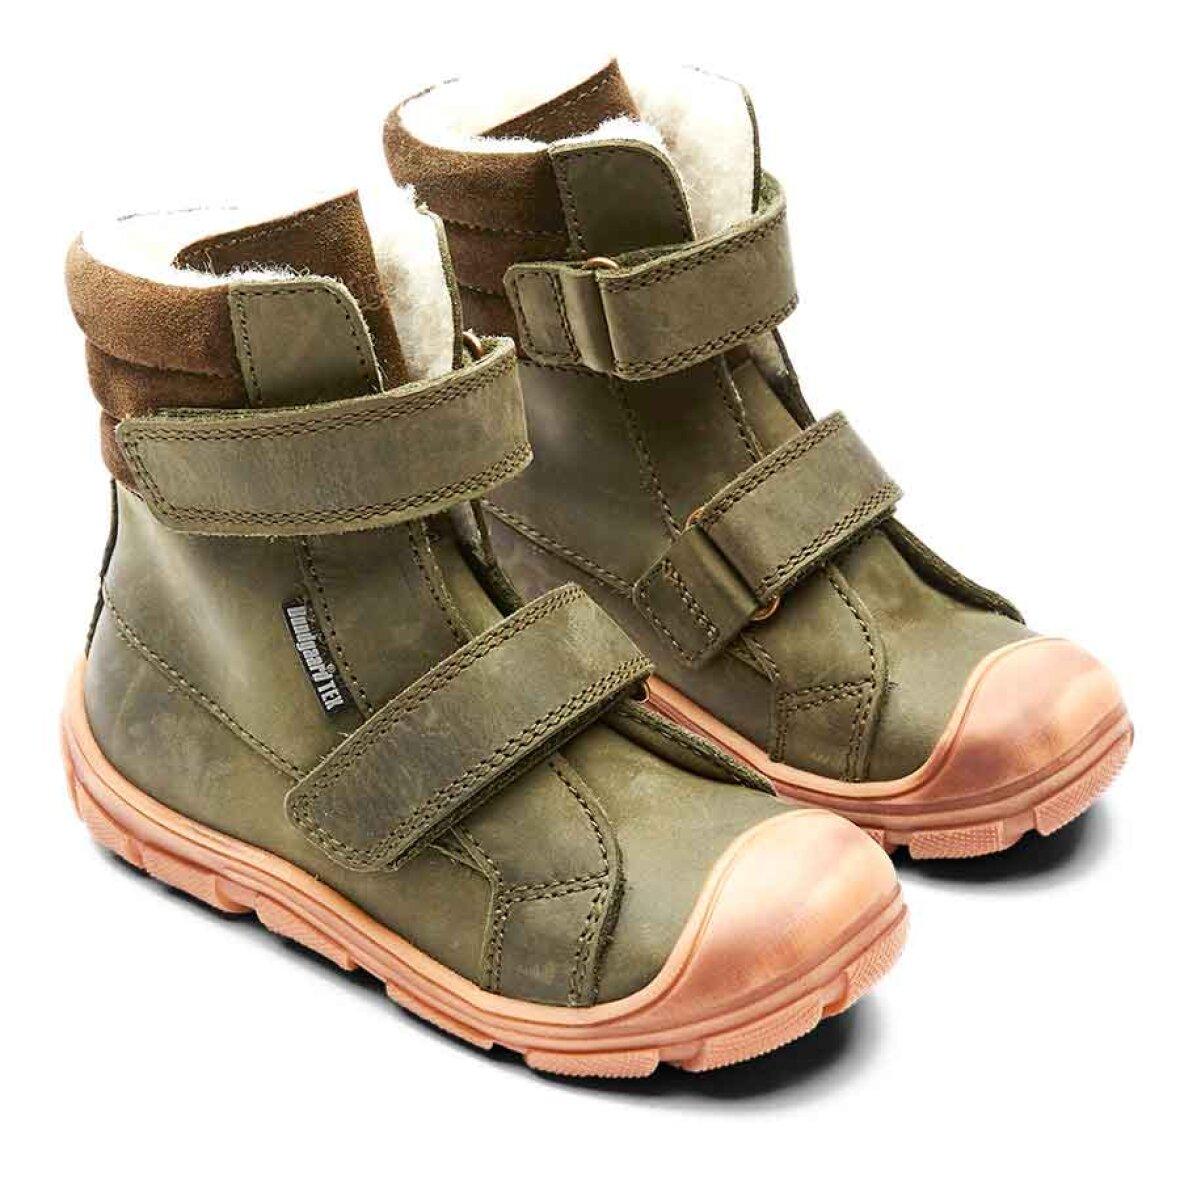 b33f609bee78 Designer vinterstøvler til børn!